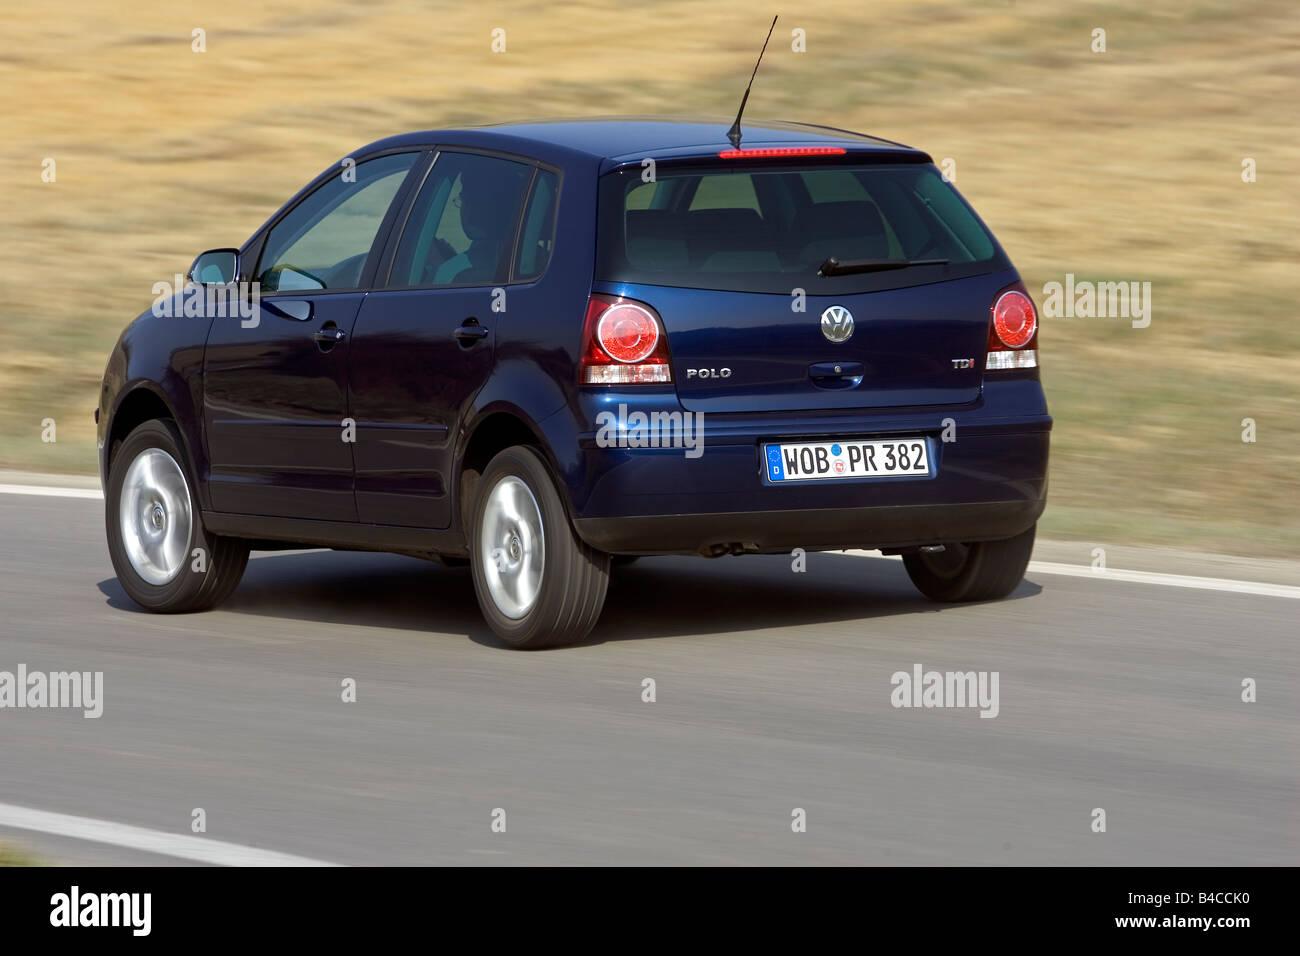 Voiture Vw Volkswagen Polo 19 Tdi Modèle De Lannée 2005 Bleu